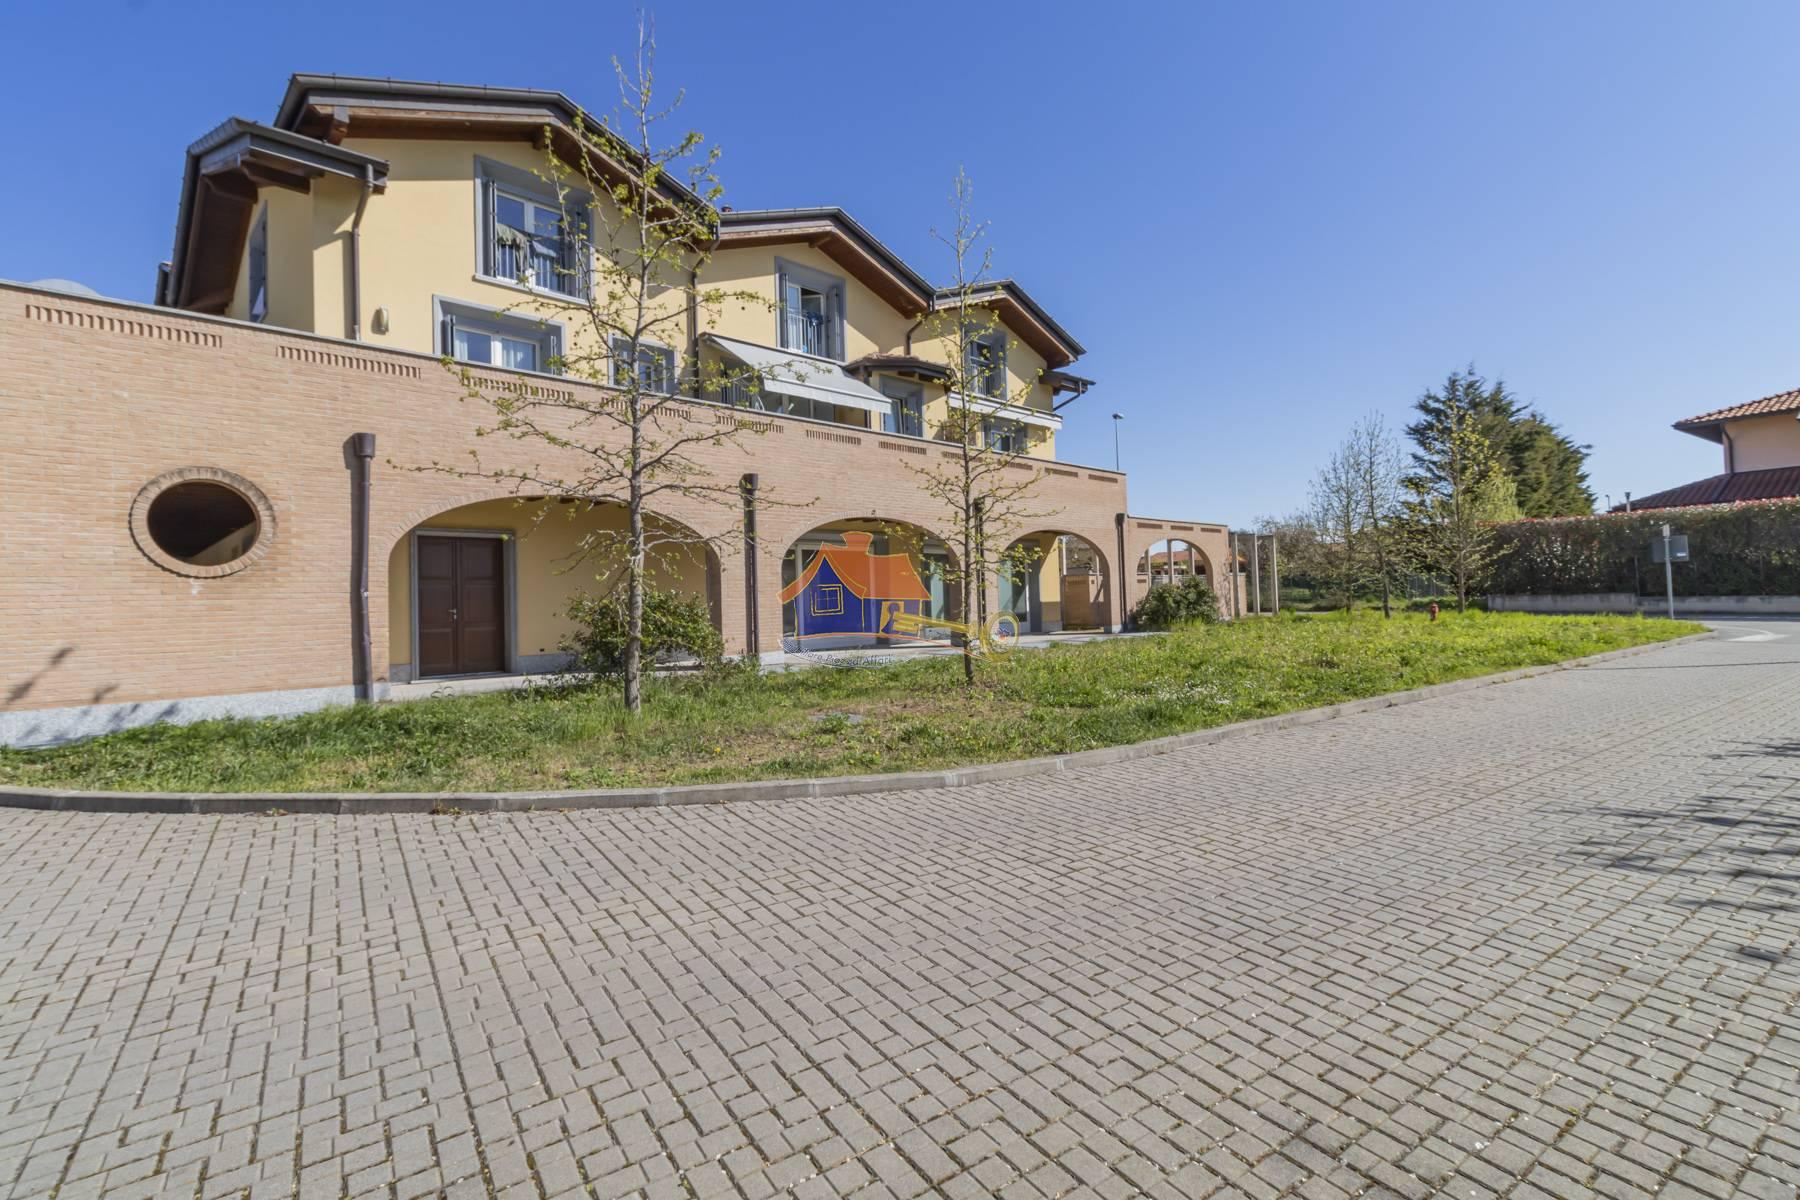 Appartamento in vendita a Castelseprio, 3 locali, prezzo € 205.000   PortaleAgenzieImmobiliari.it